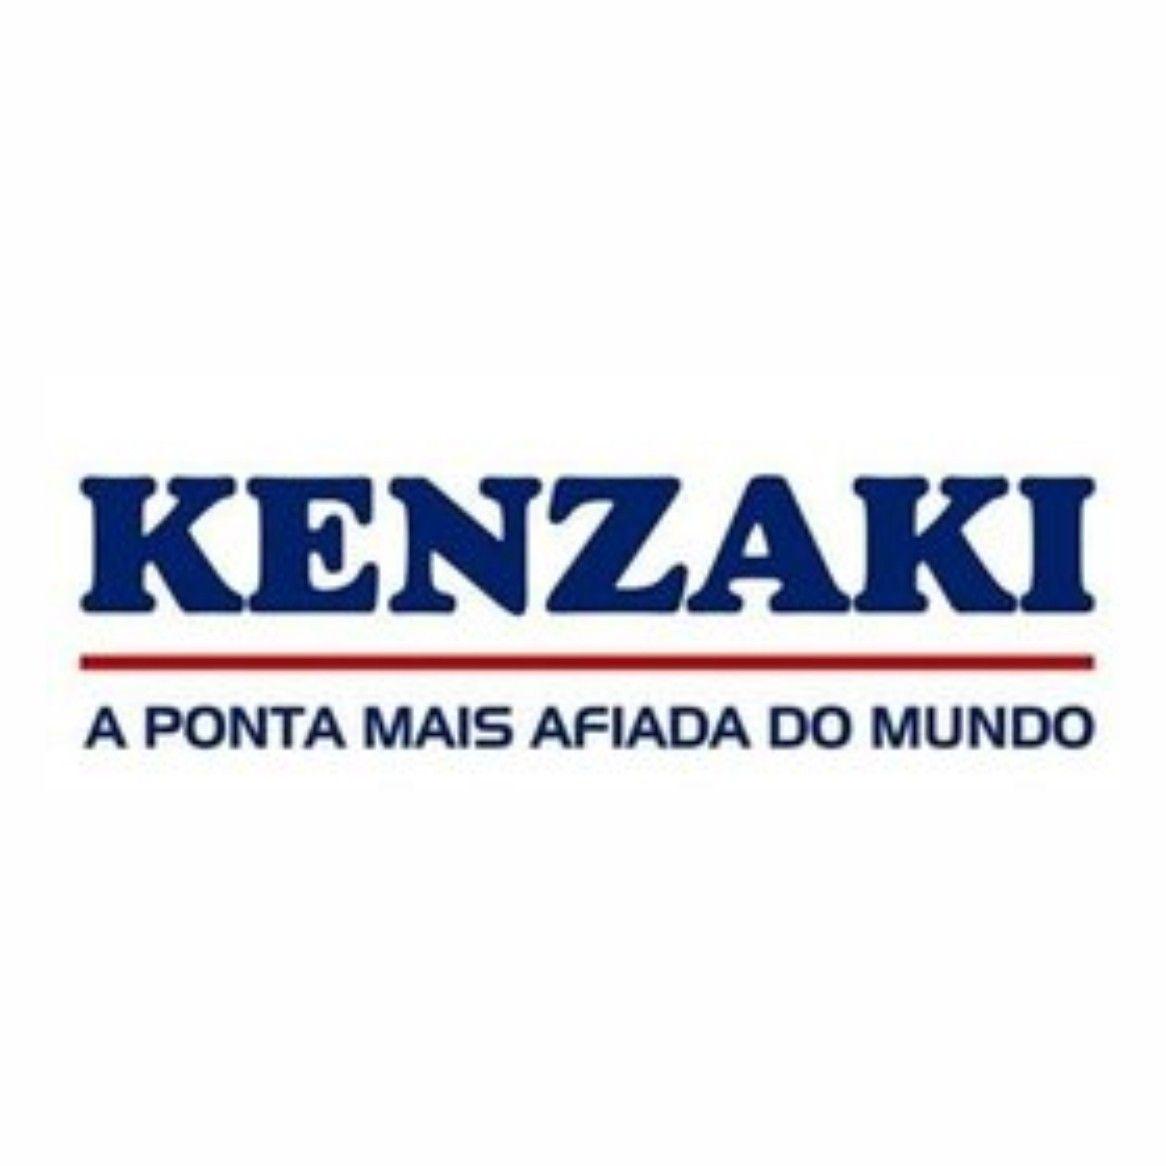 Anzol Kenzaki Robalo 20 - 10 Peças   - Life Pesca - Sua loja de Pesca, Camping e Lazer